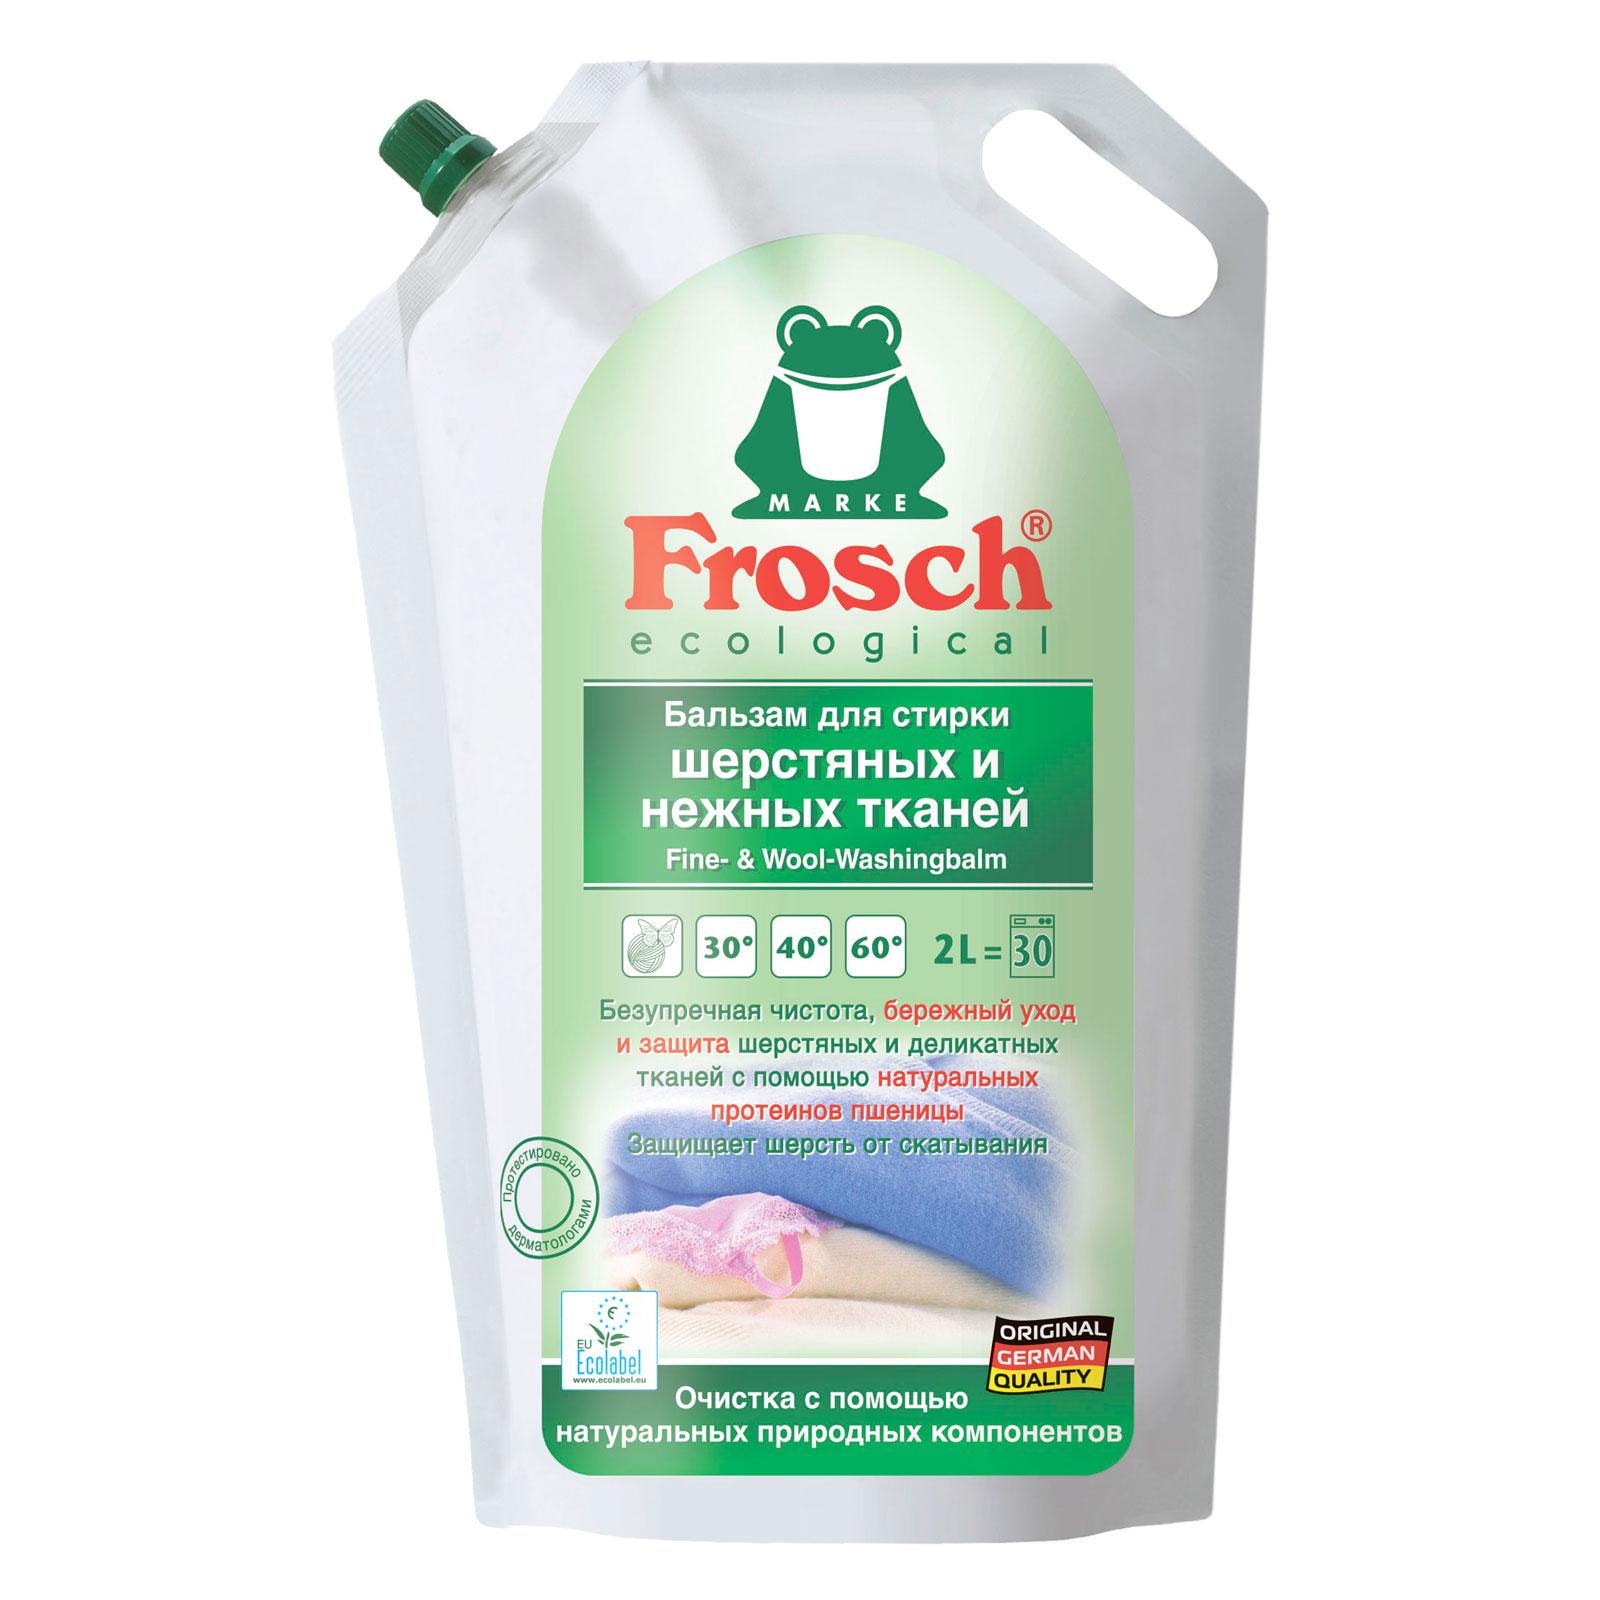 ������ �������� Frosch ��� ������ ��� ��������� � ������ ������ 2000 ��